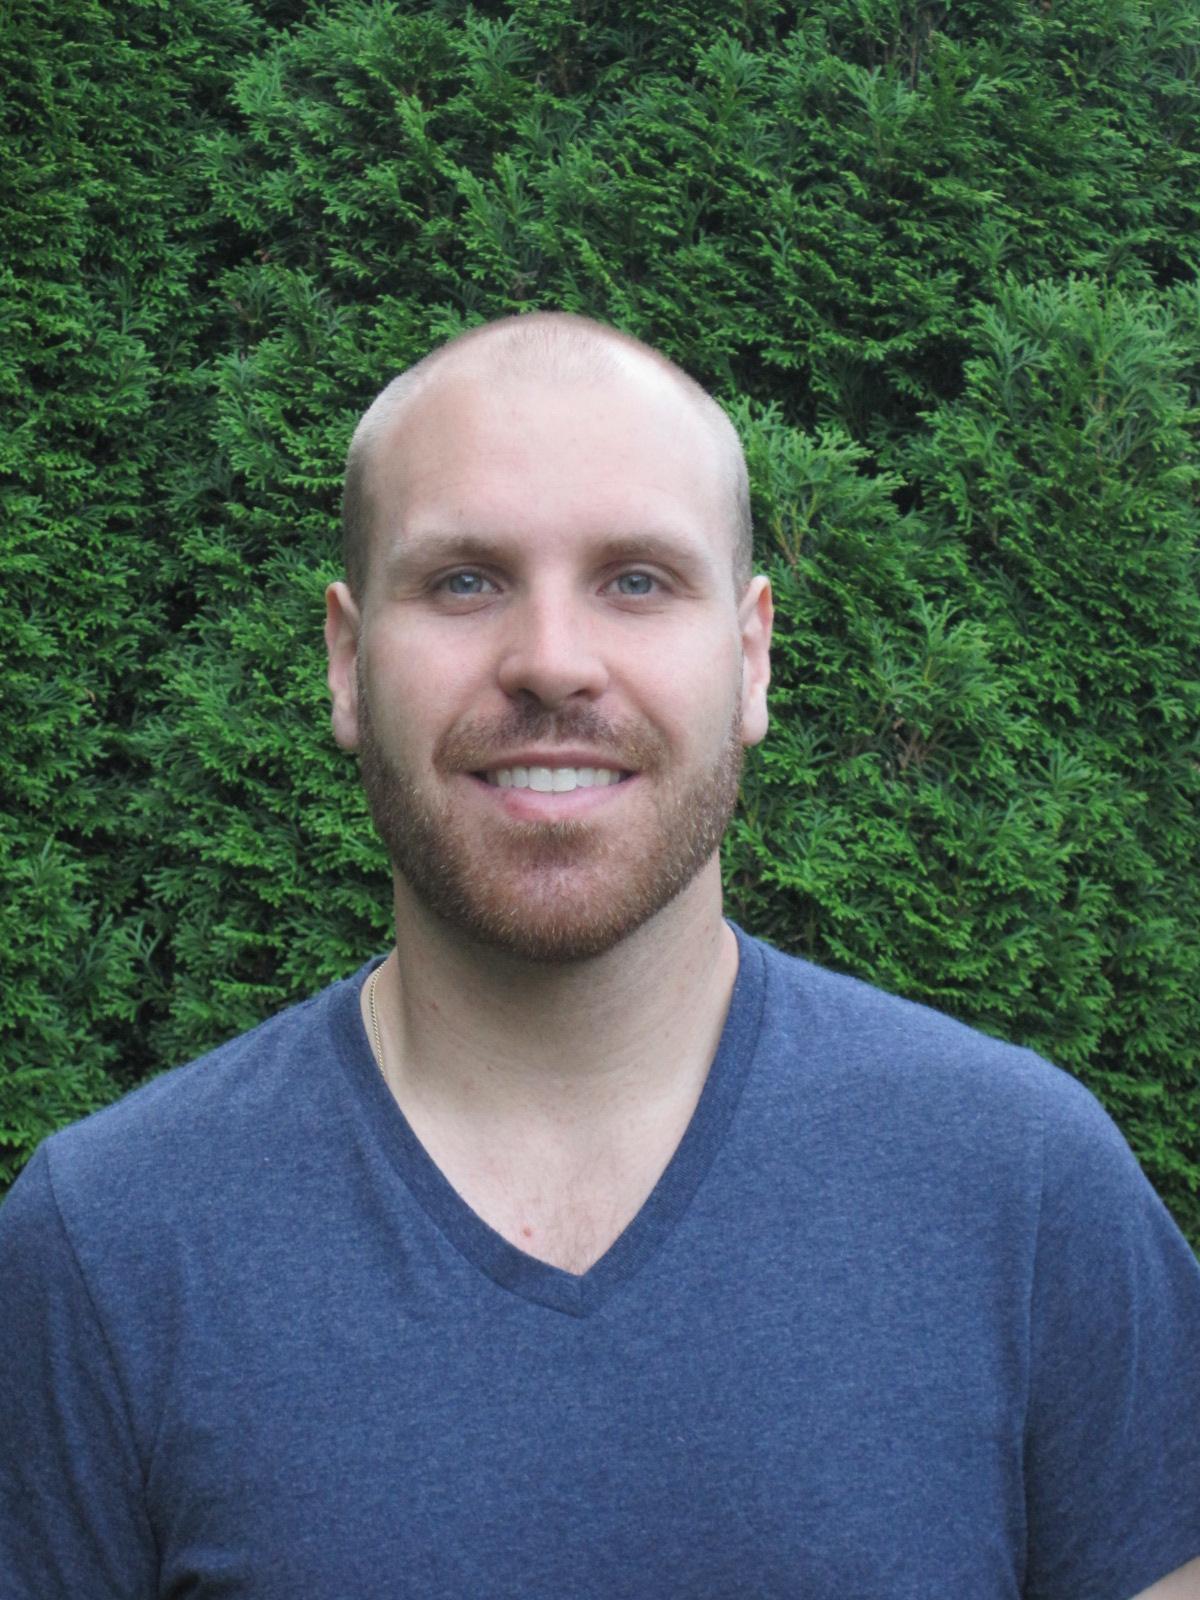 Sean Carleton